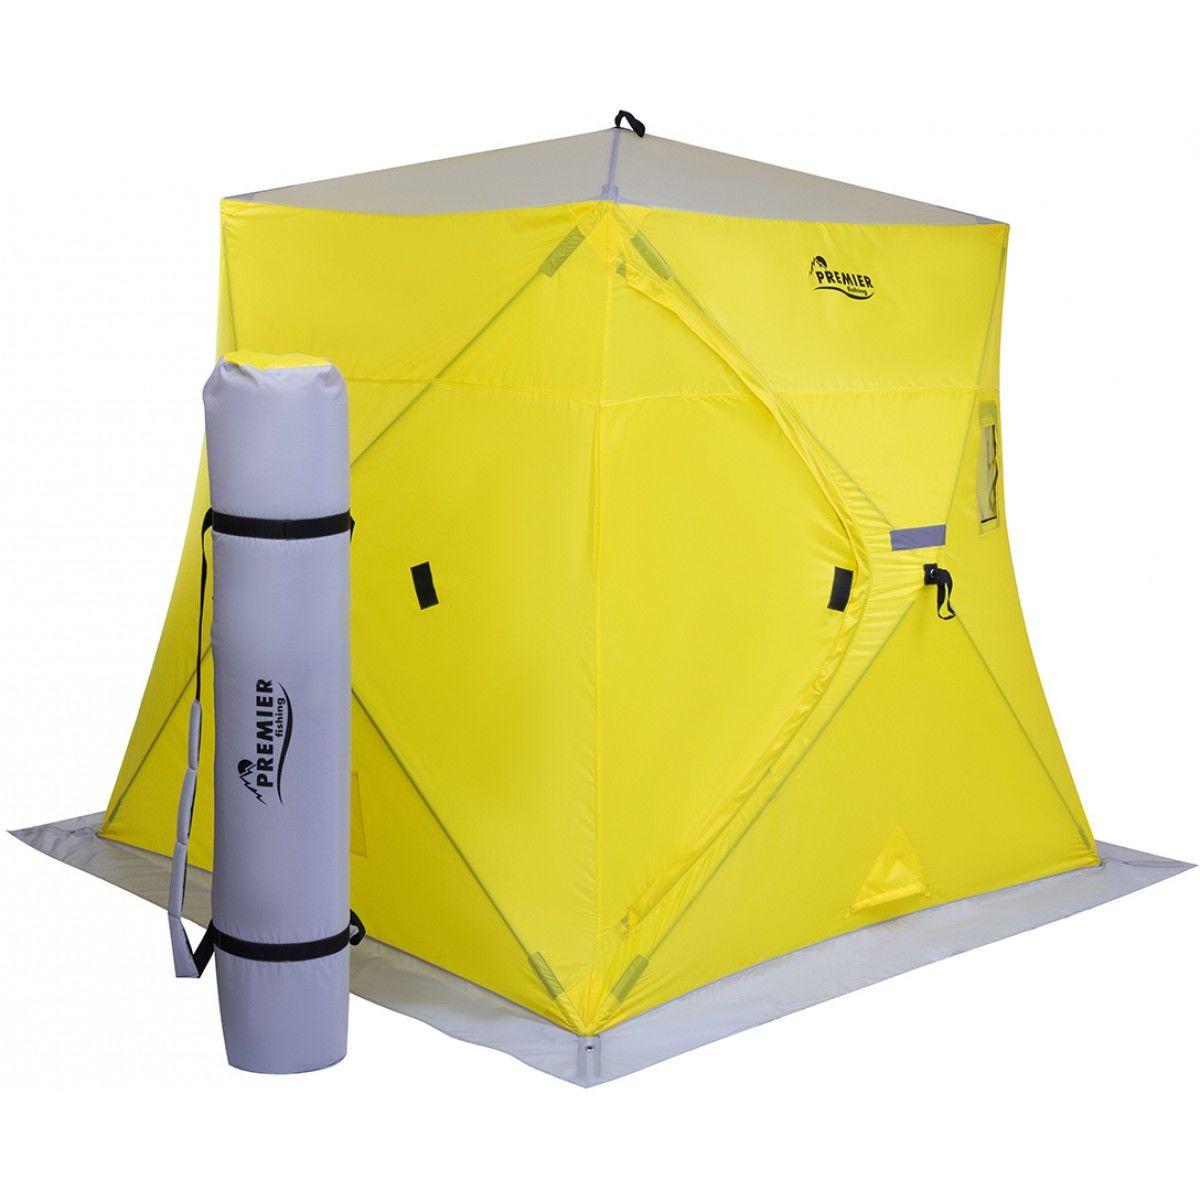 Палатка зимняя Пирамида 2,0х2,0 yellow/gray купить, цены в Москве на goods.ru